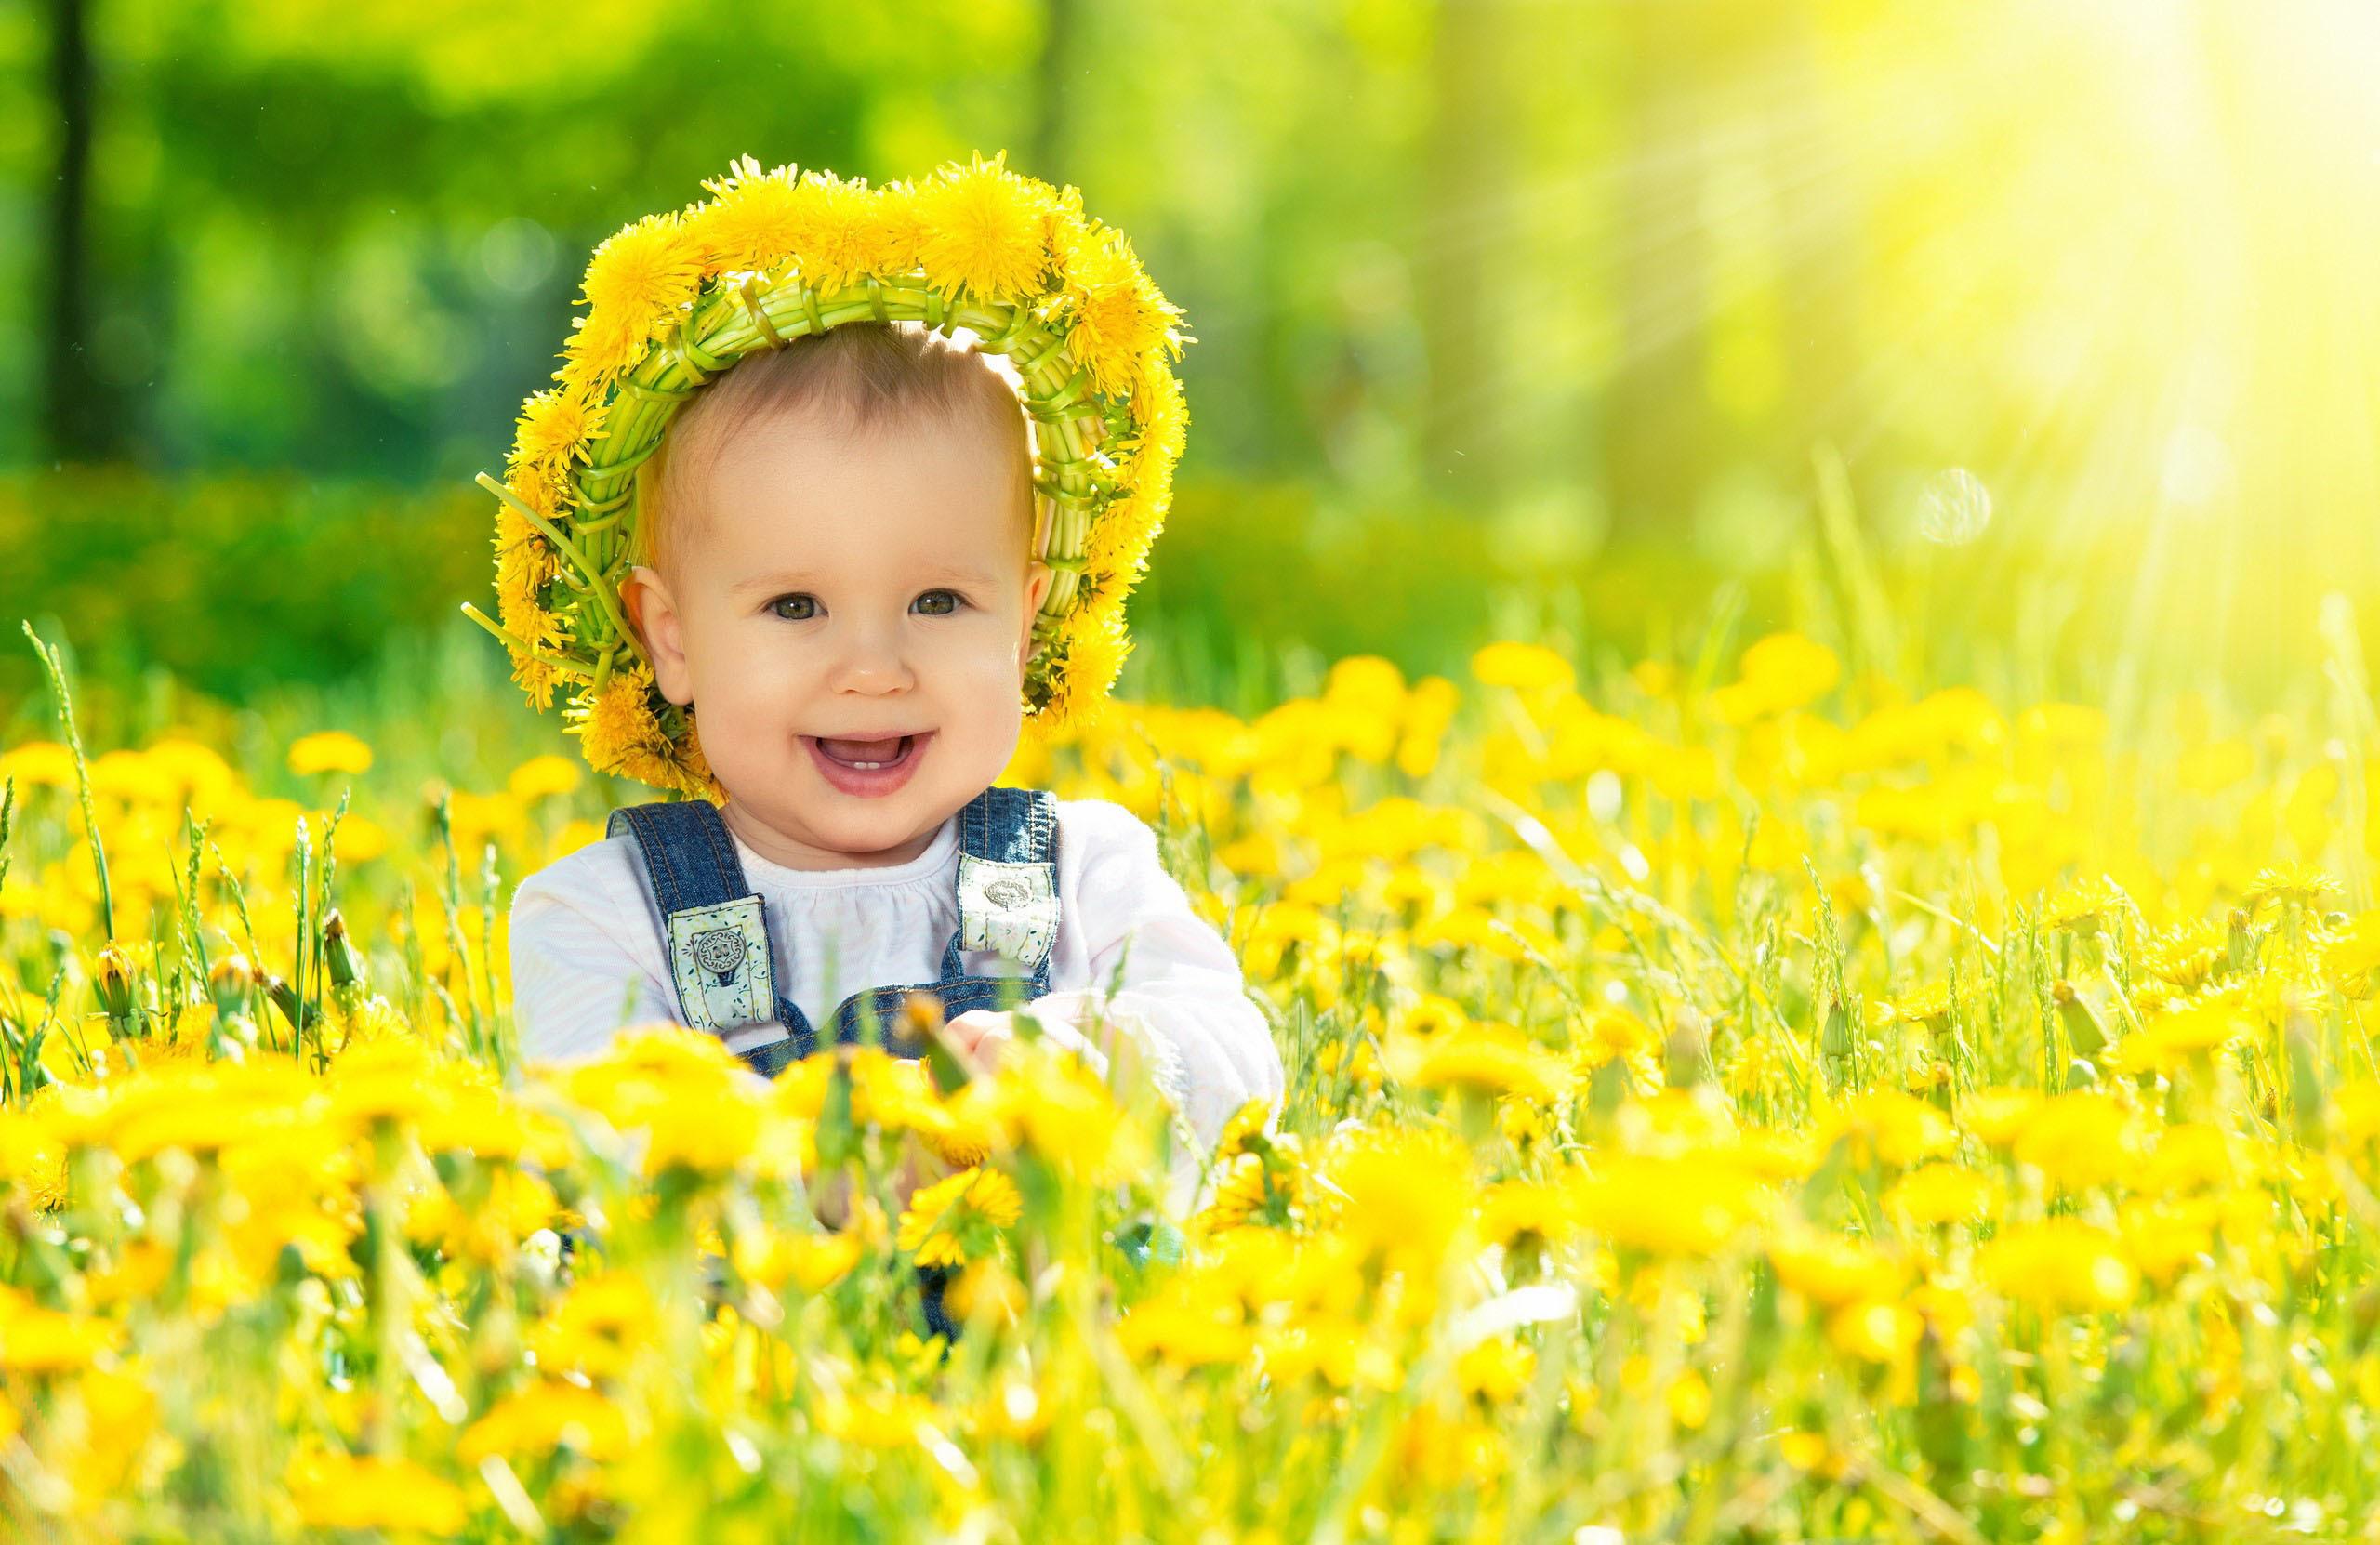 картинки для утренней улыбки этой статье